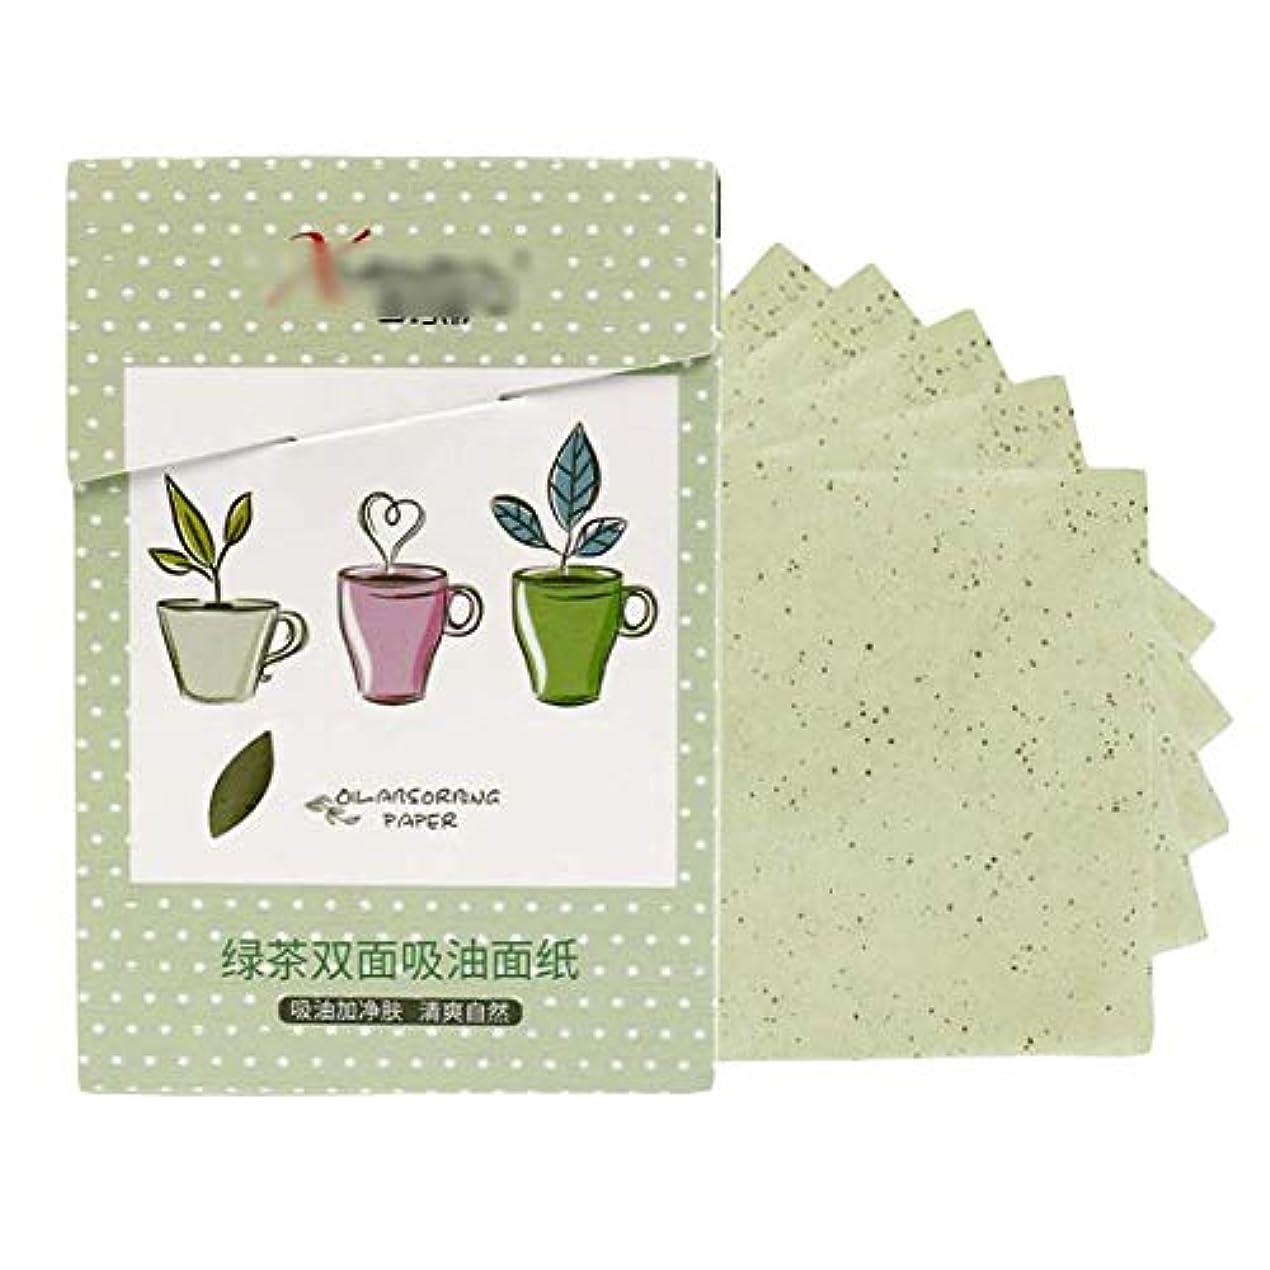 デンマークガラス第三緑茶オイルブロッティングティッシュフェイスオイル吸収紙、200枚